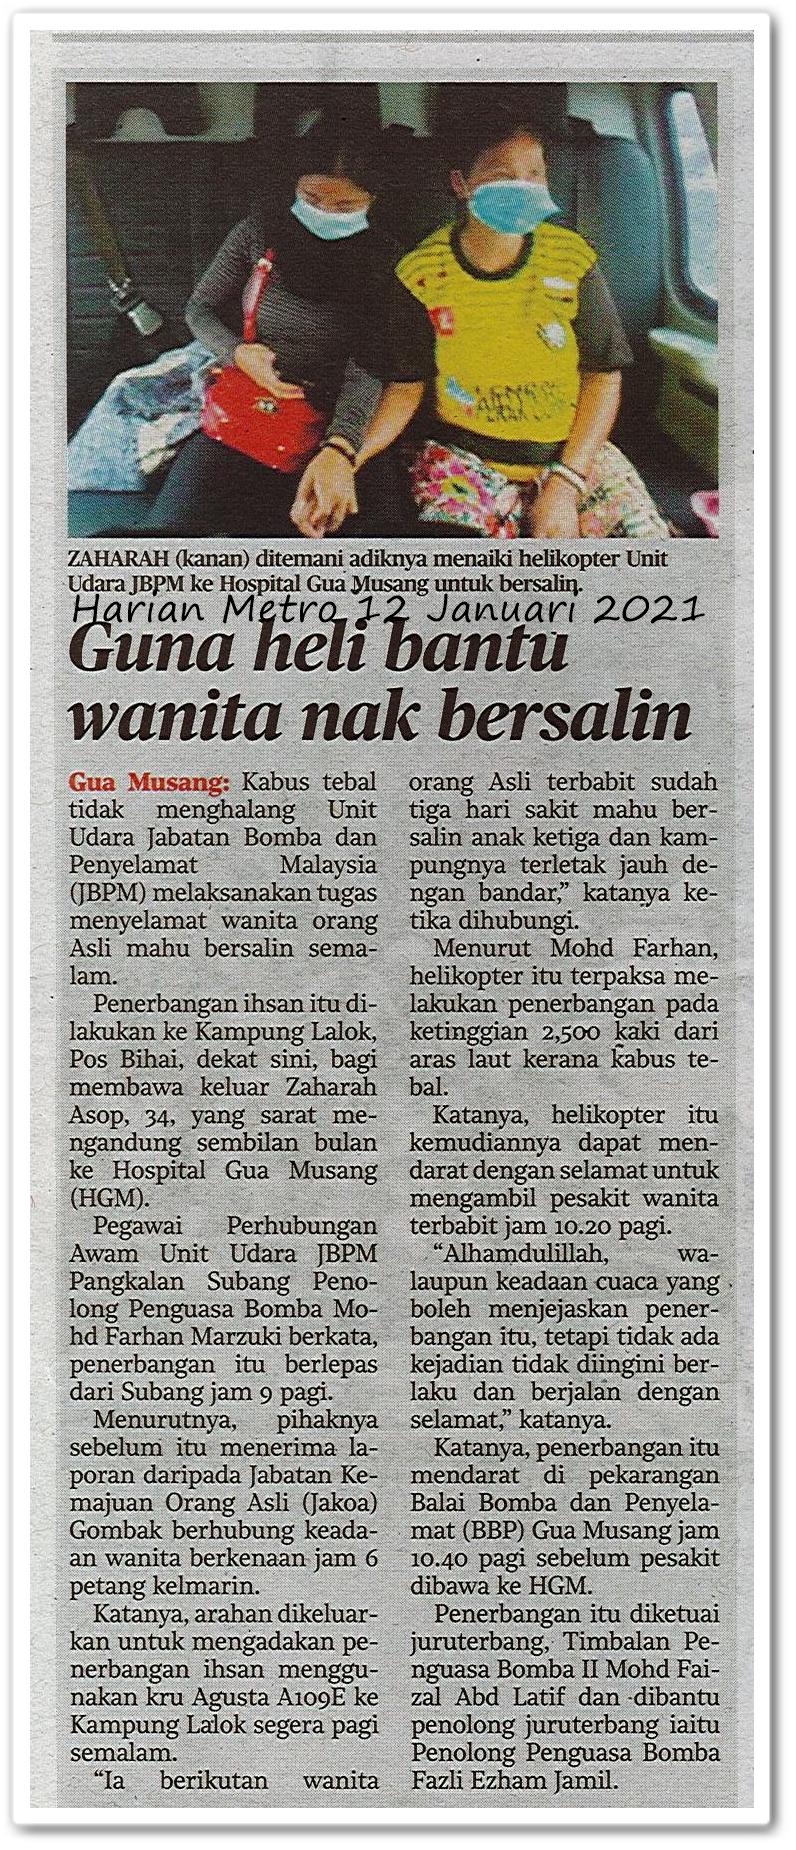 Guna heli bantu wanita nak bersalin - Keratan akhbar Harian Metro 12 Januari 2021